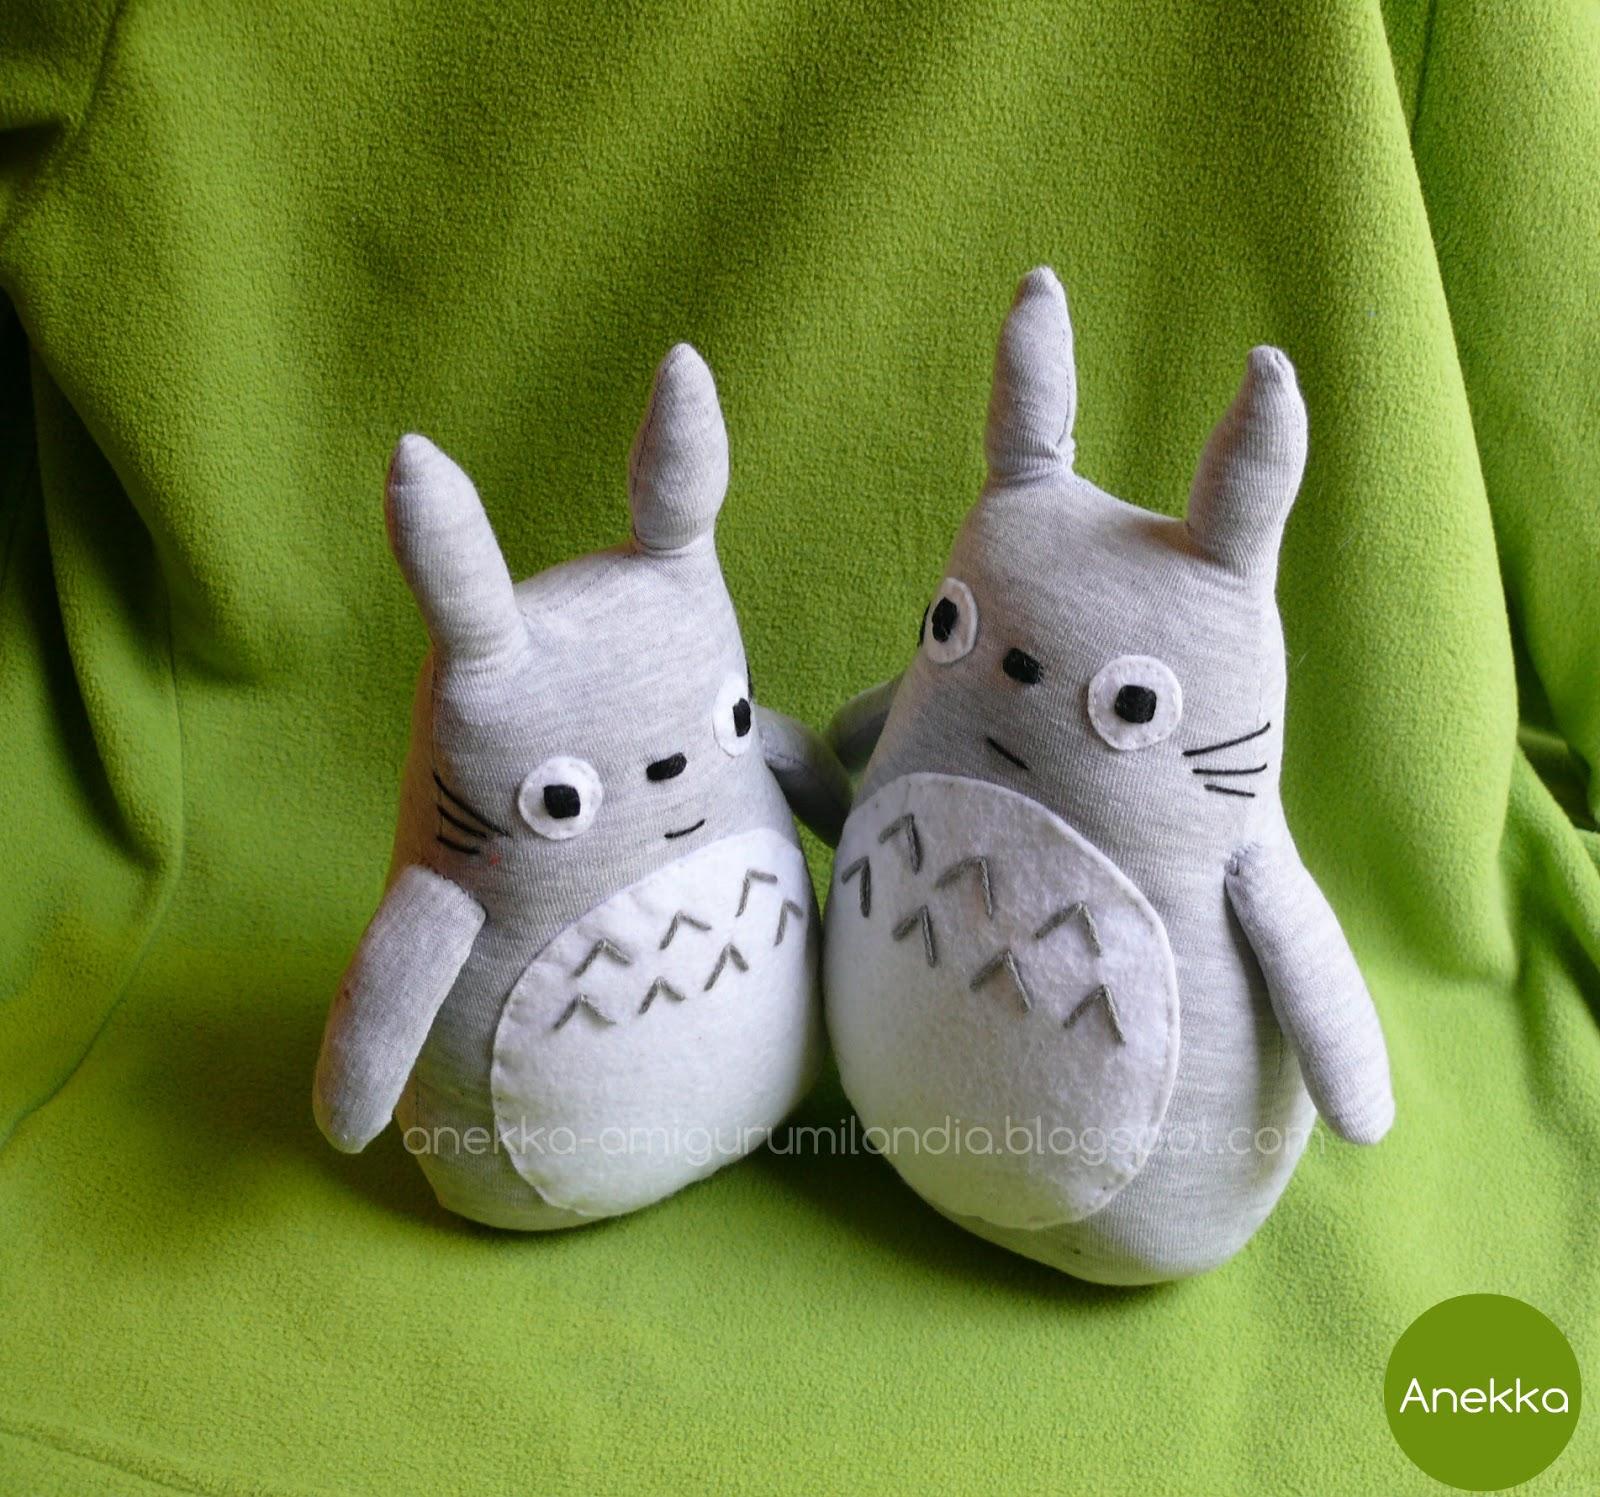 totoros de trapo para niños anekka-amigurumilandia.blogspot.com.es